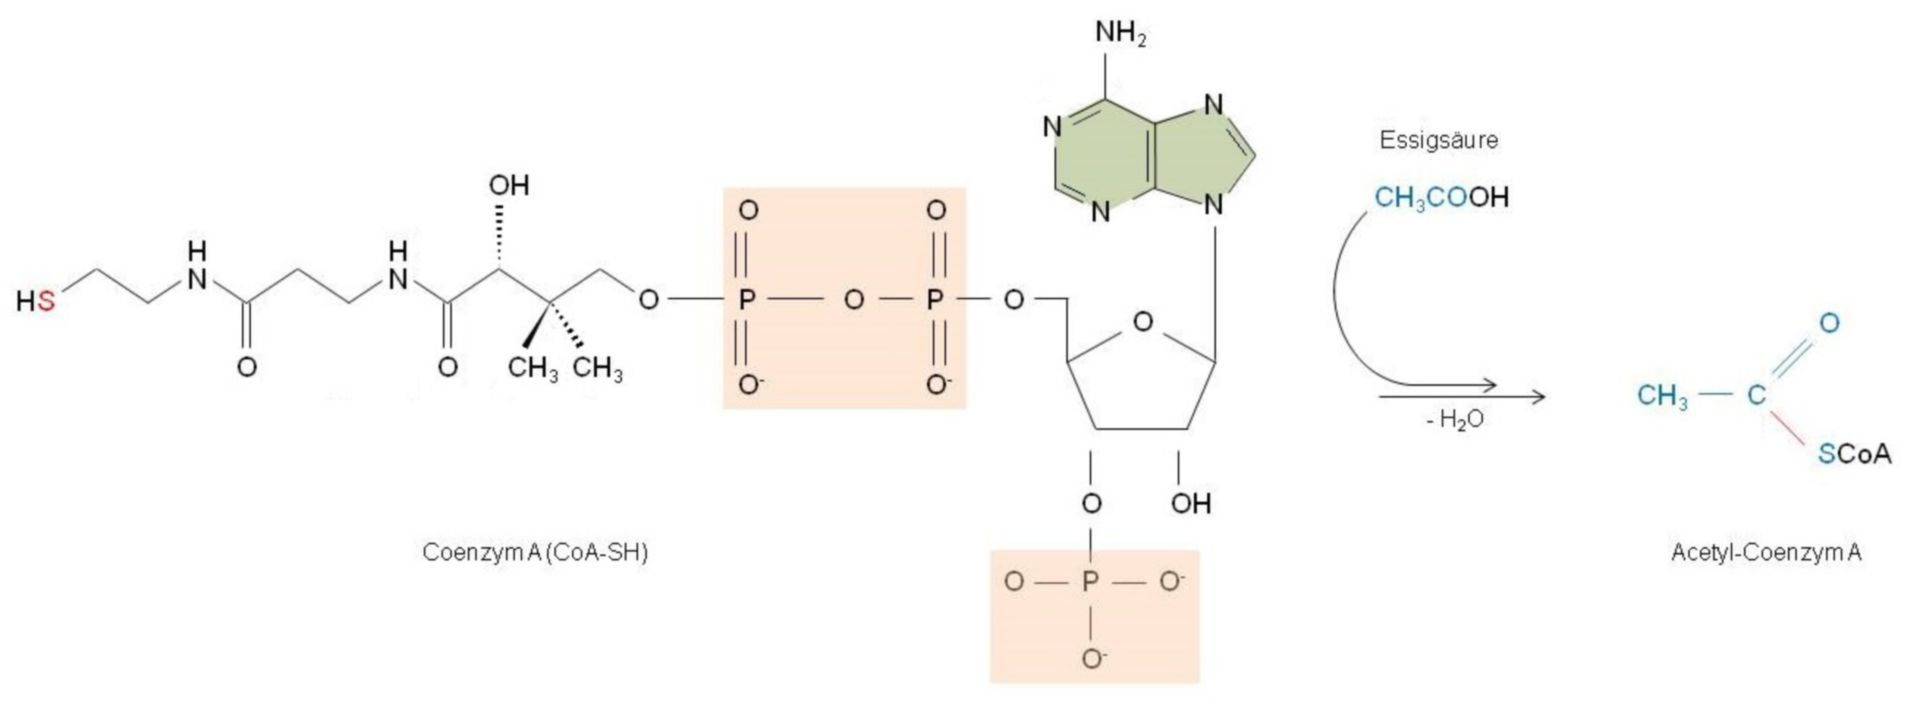 Bildung von Acetyl-Coenzym A